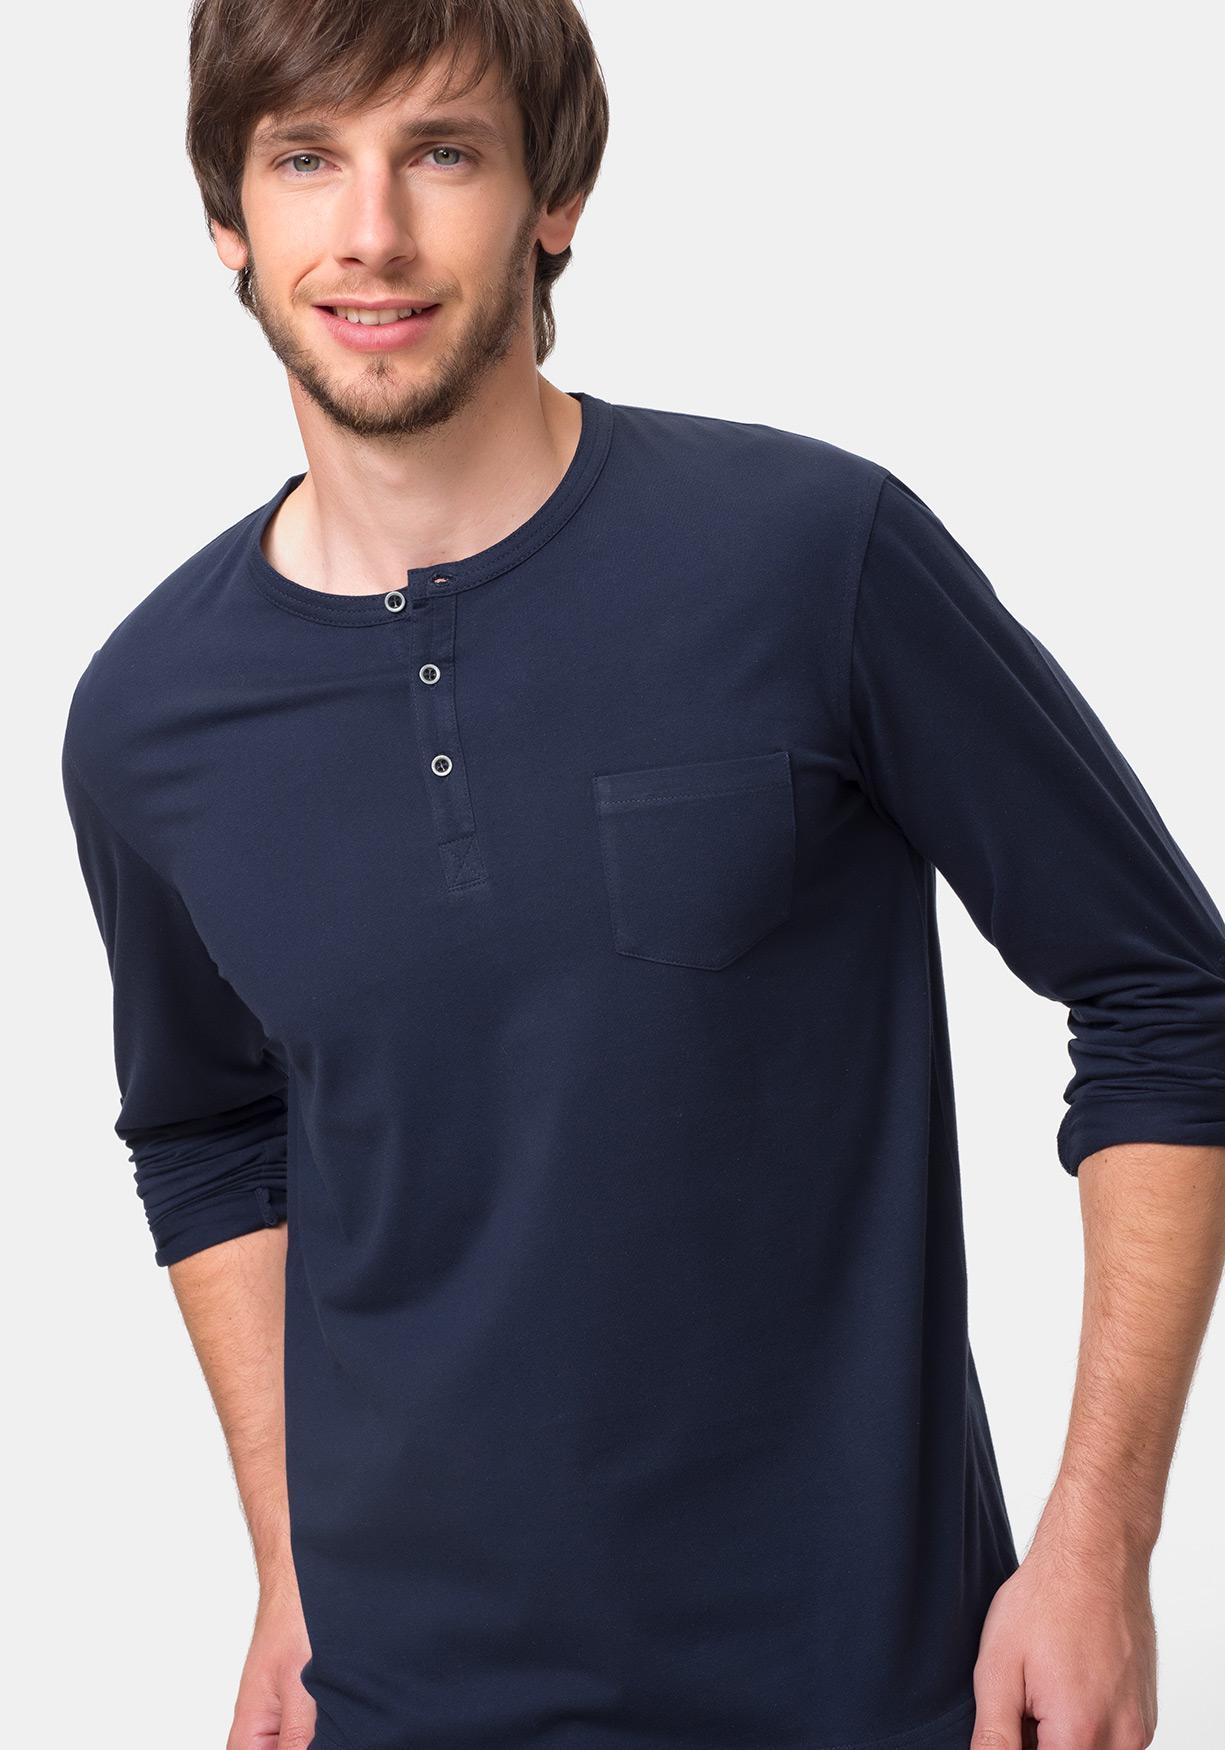 fa4e8d766070e Comprar Camiseta de manga larga TEX. ¡Aprovéchate de nuestros ...